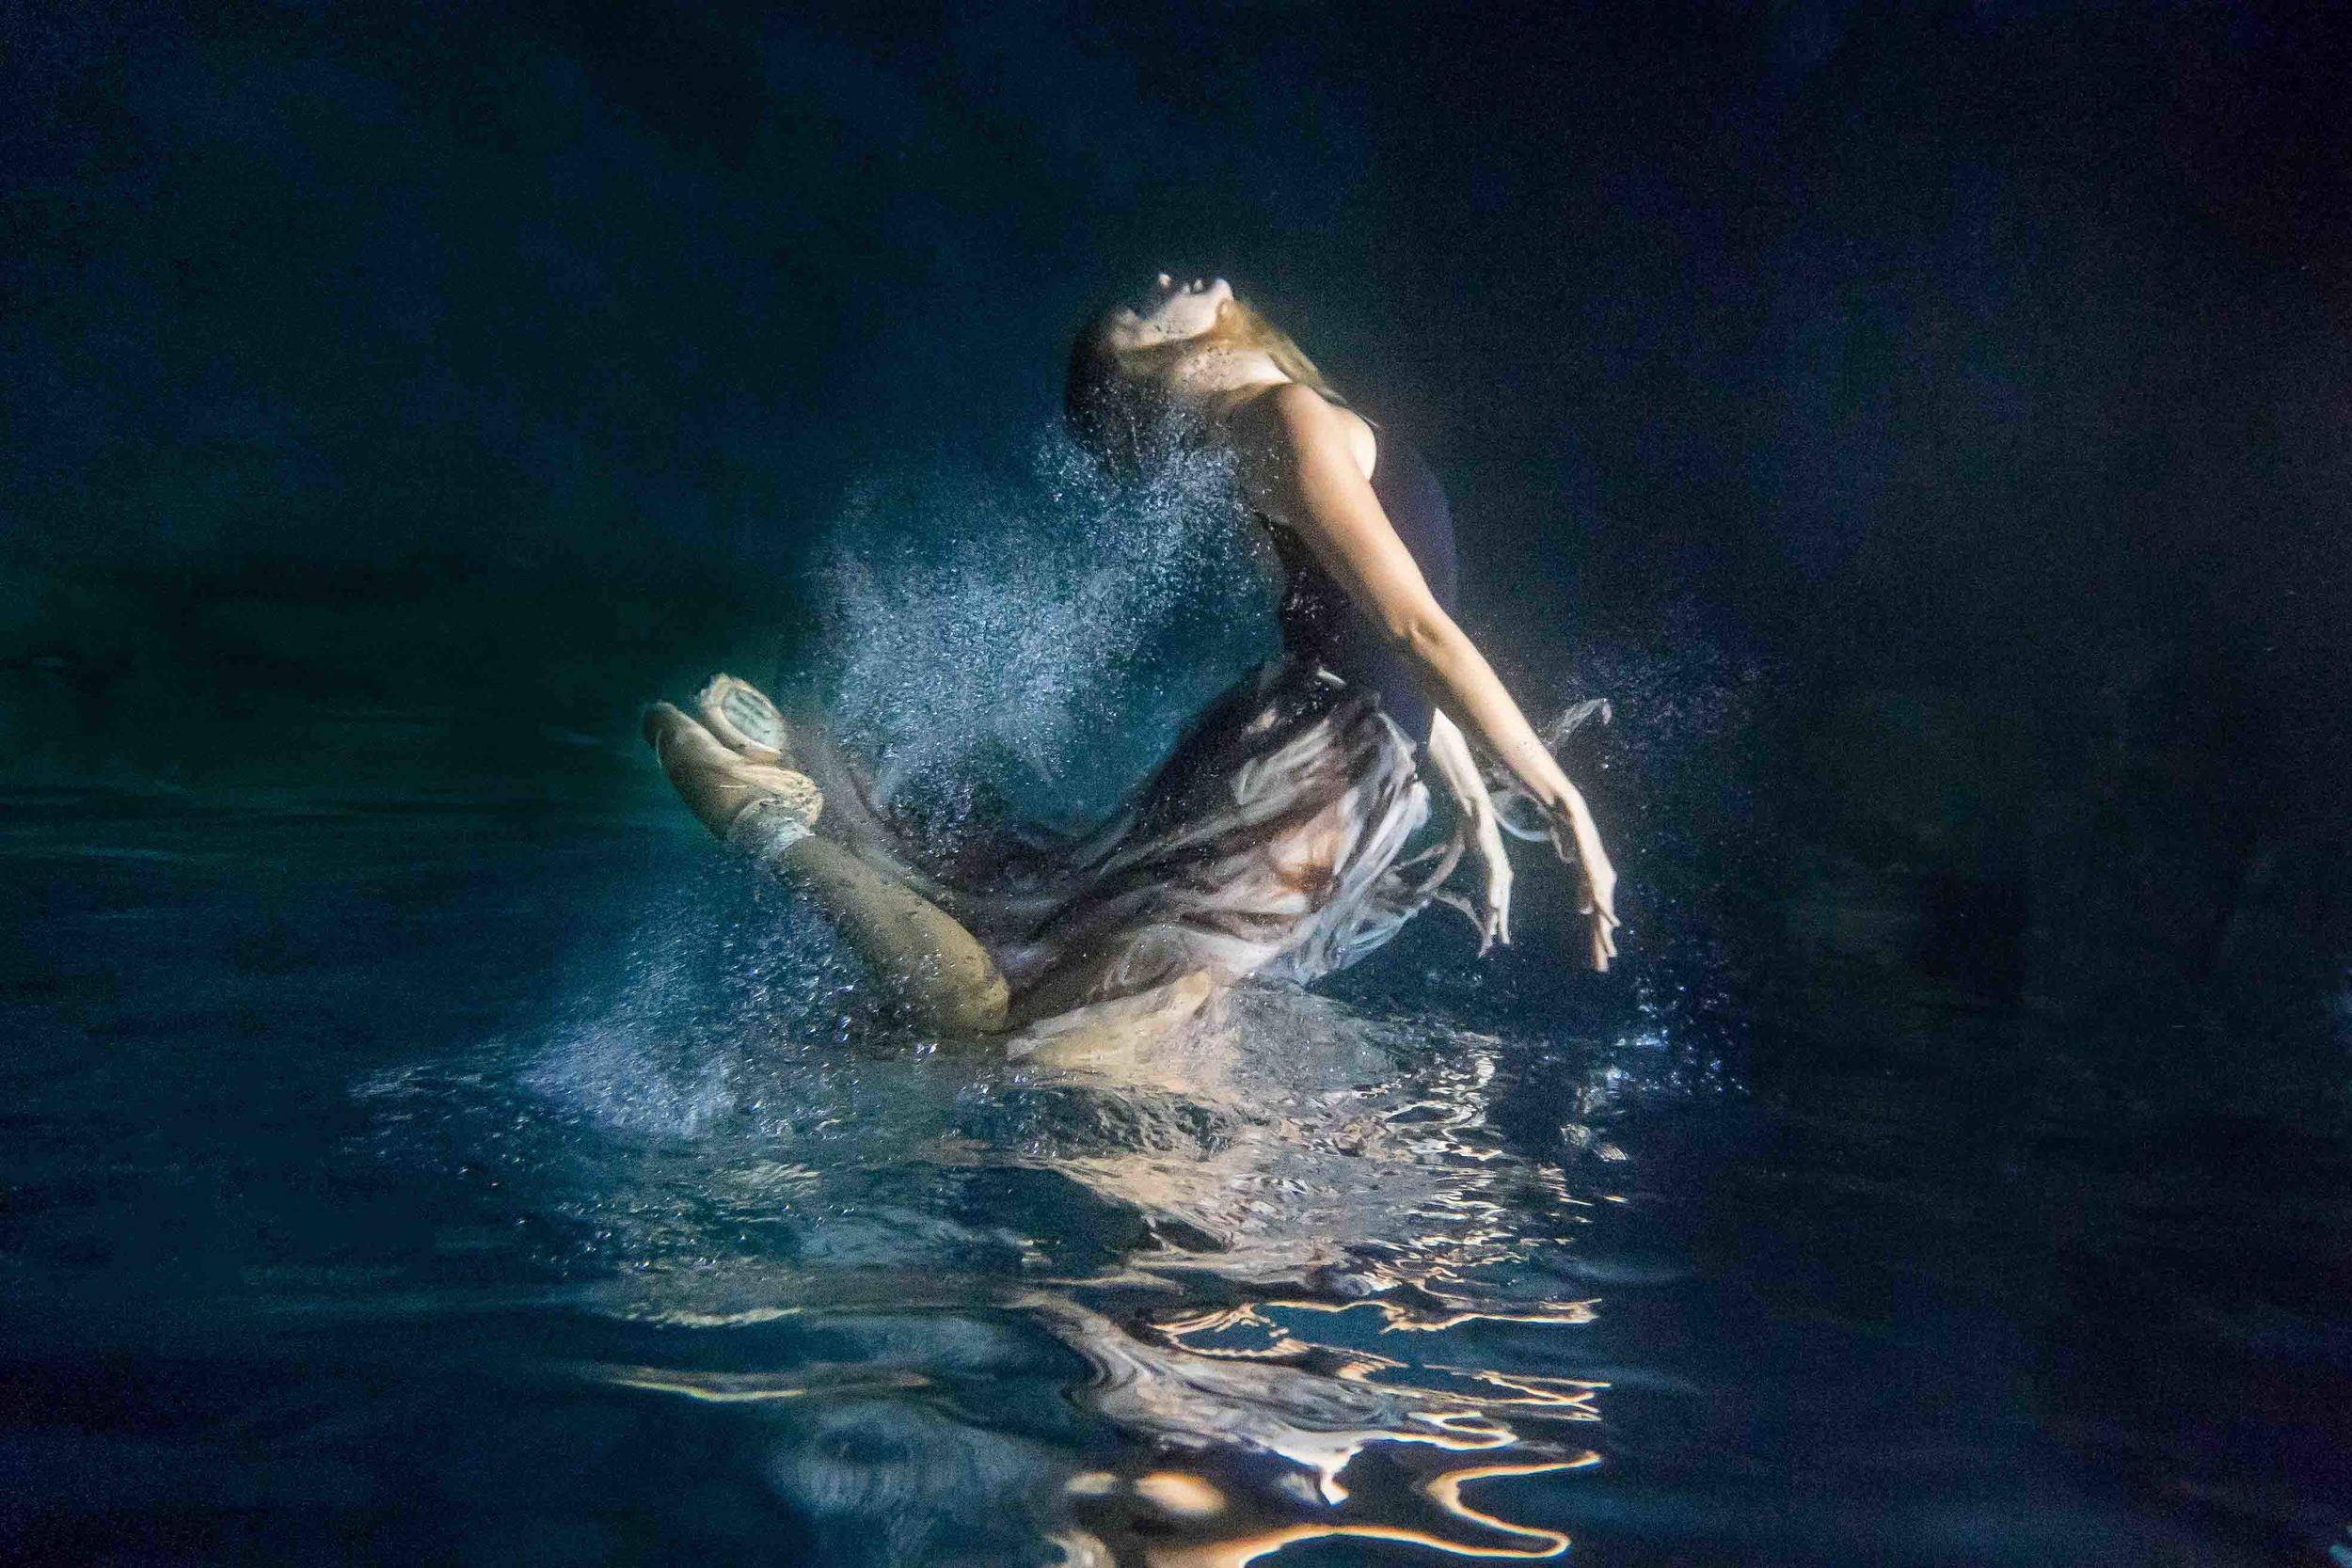 Underwater_Ballerina_MERMAIDSESSION_BrienneMichellePhotography_08.JPG